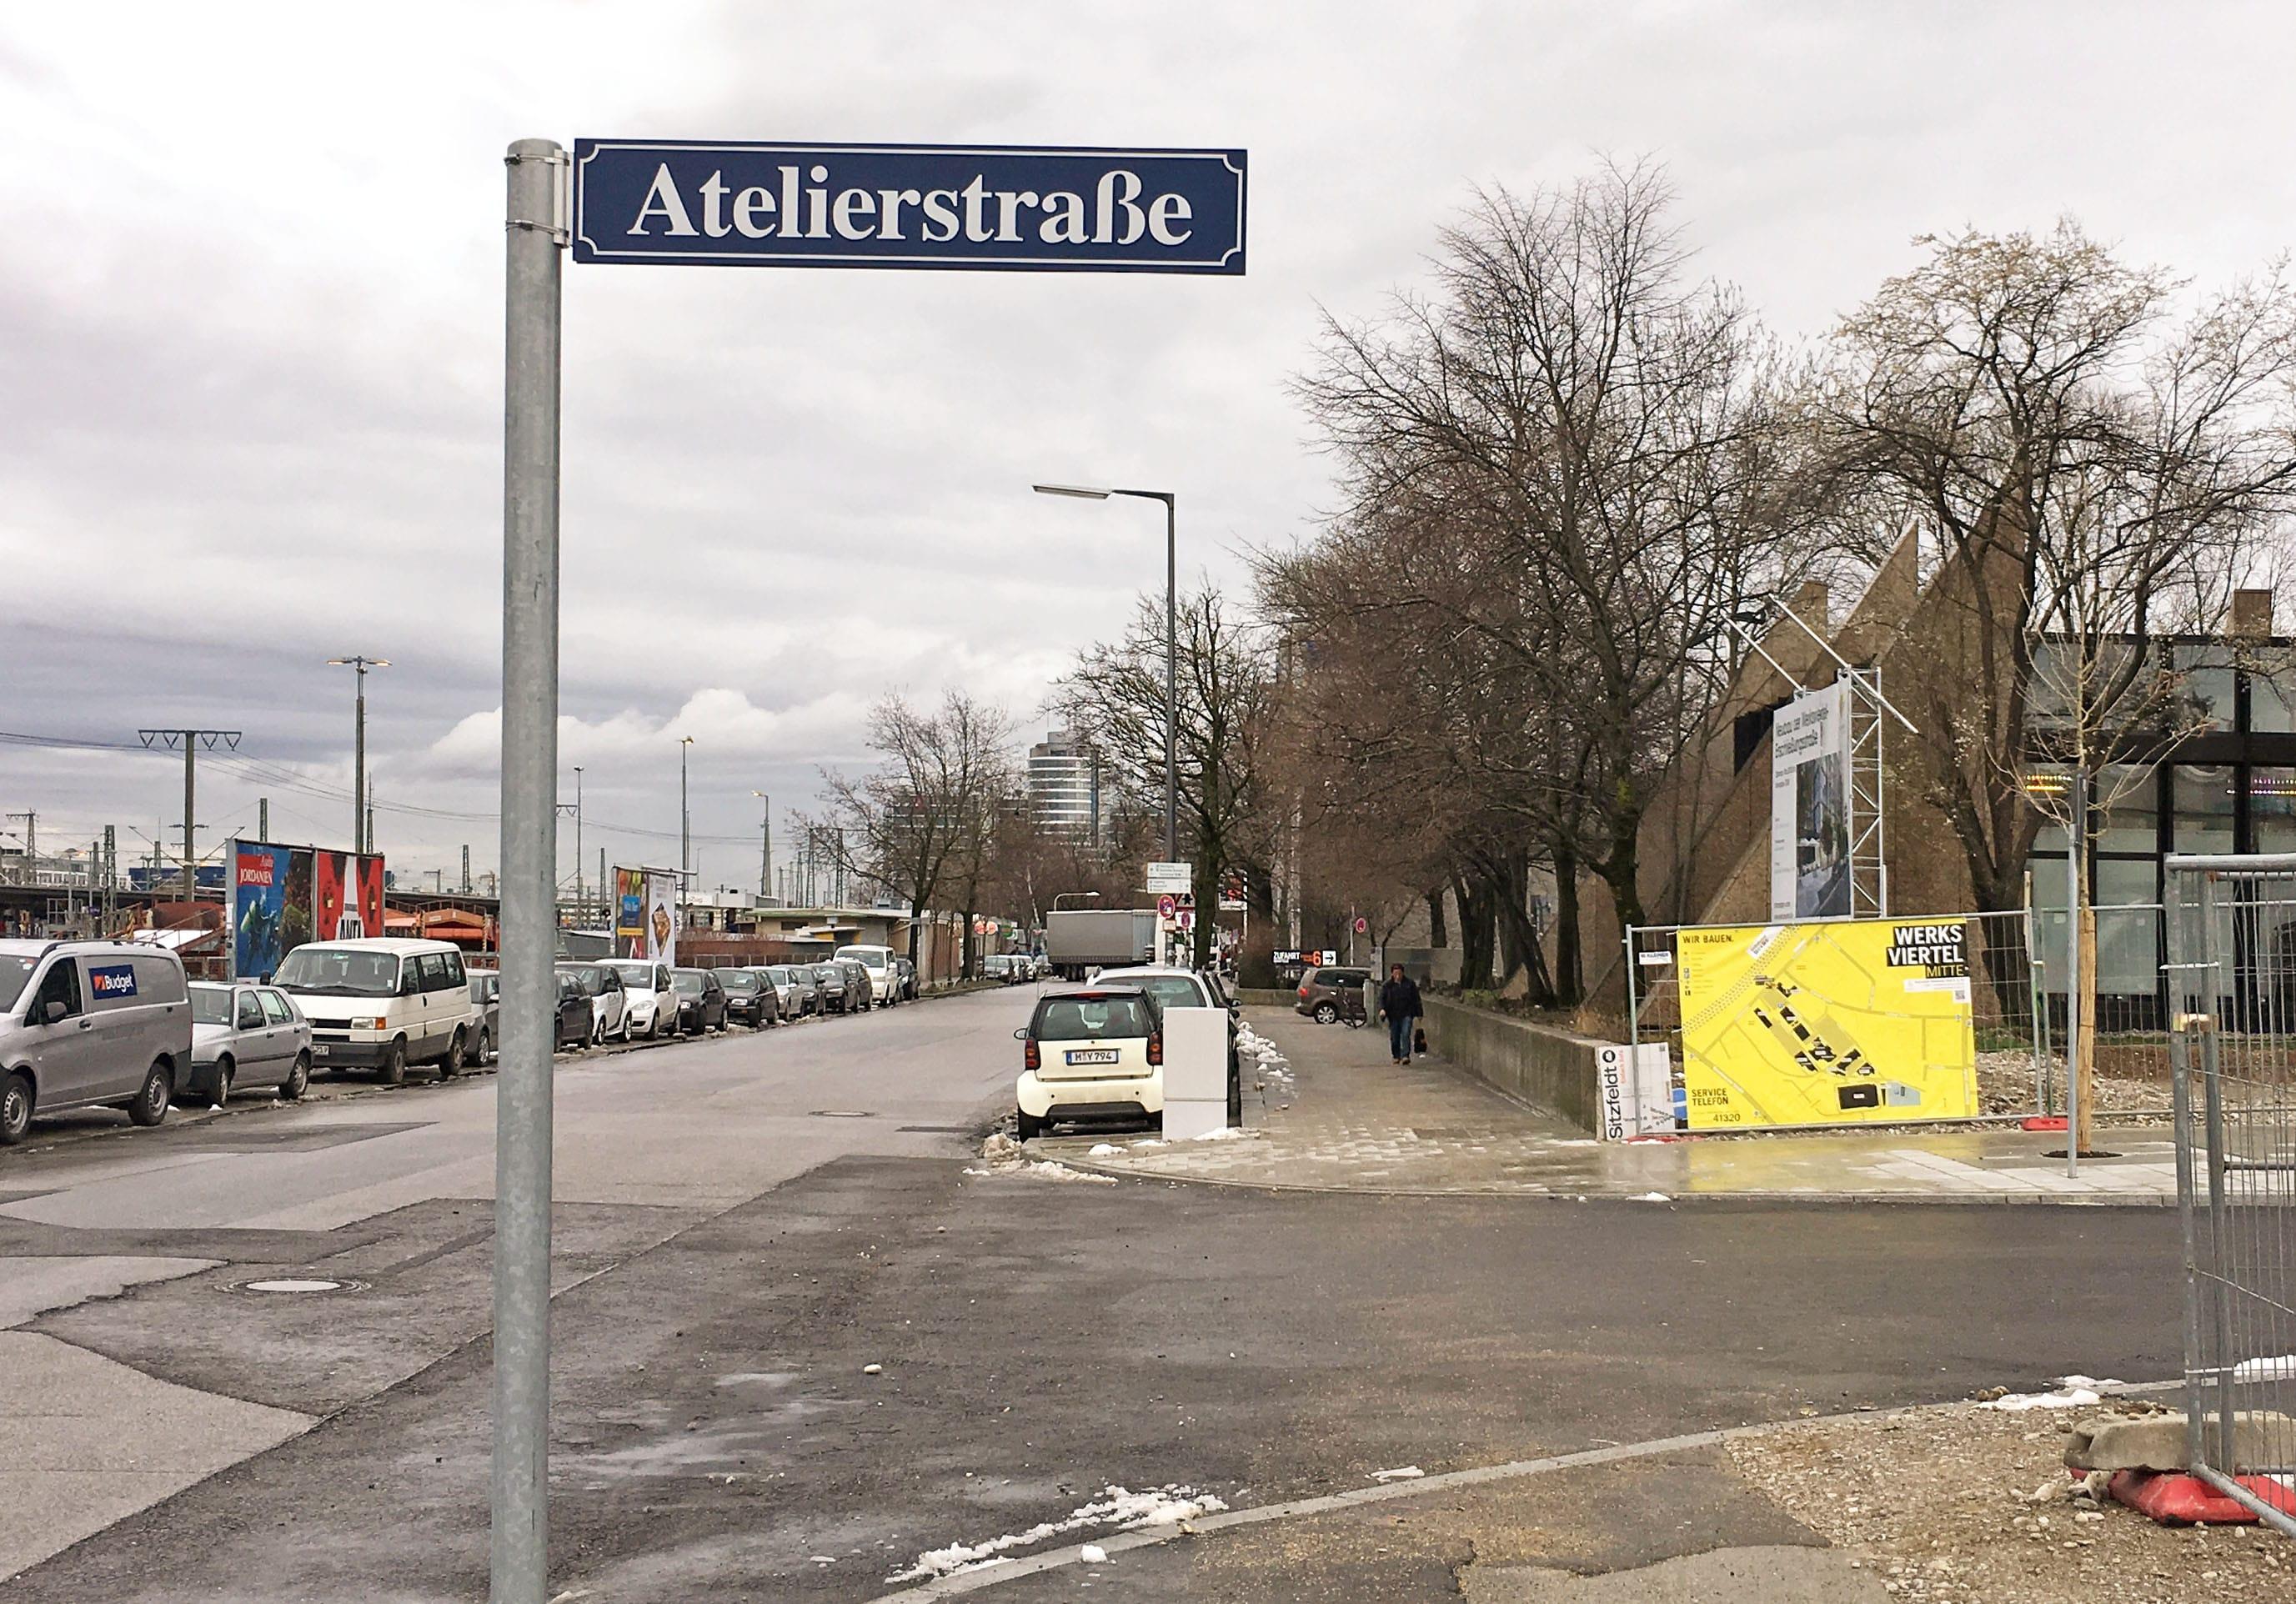 962 ret - Über die Atelierstraße ins Werksviertel